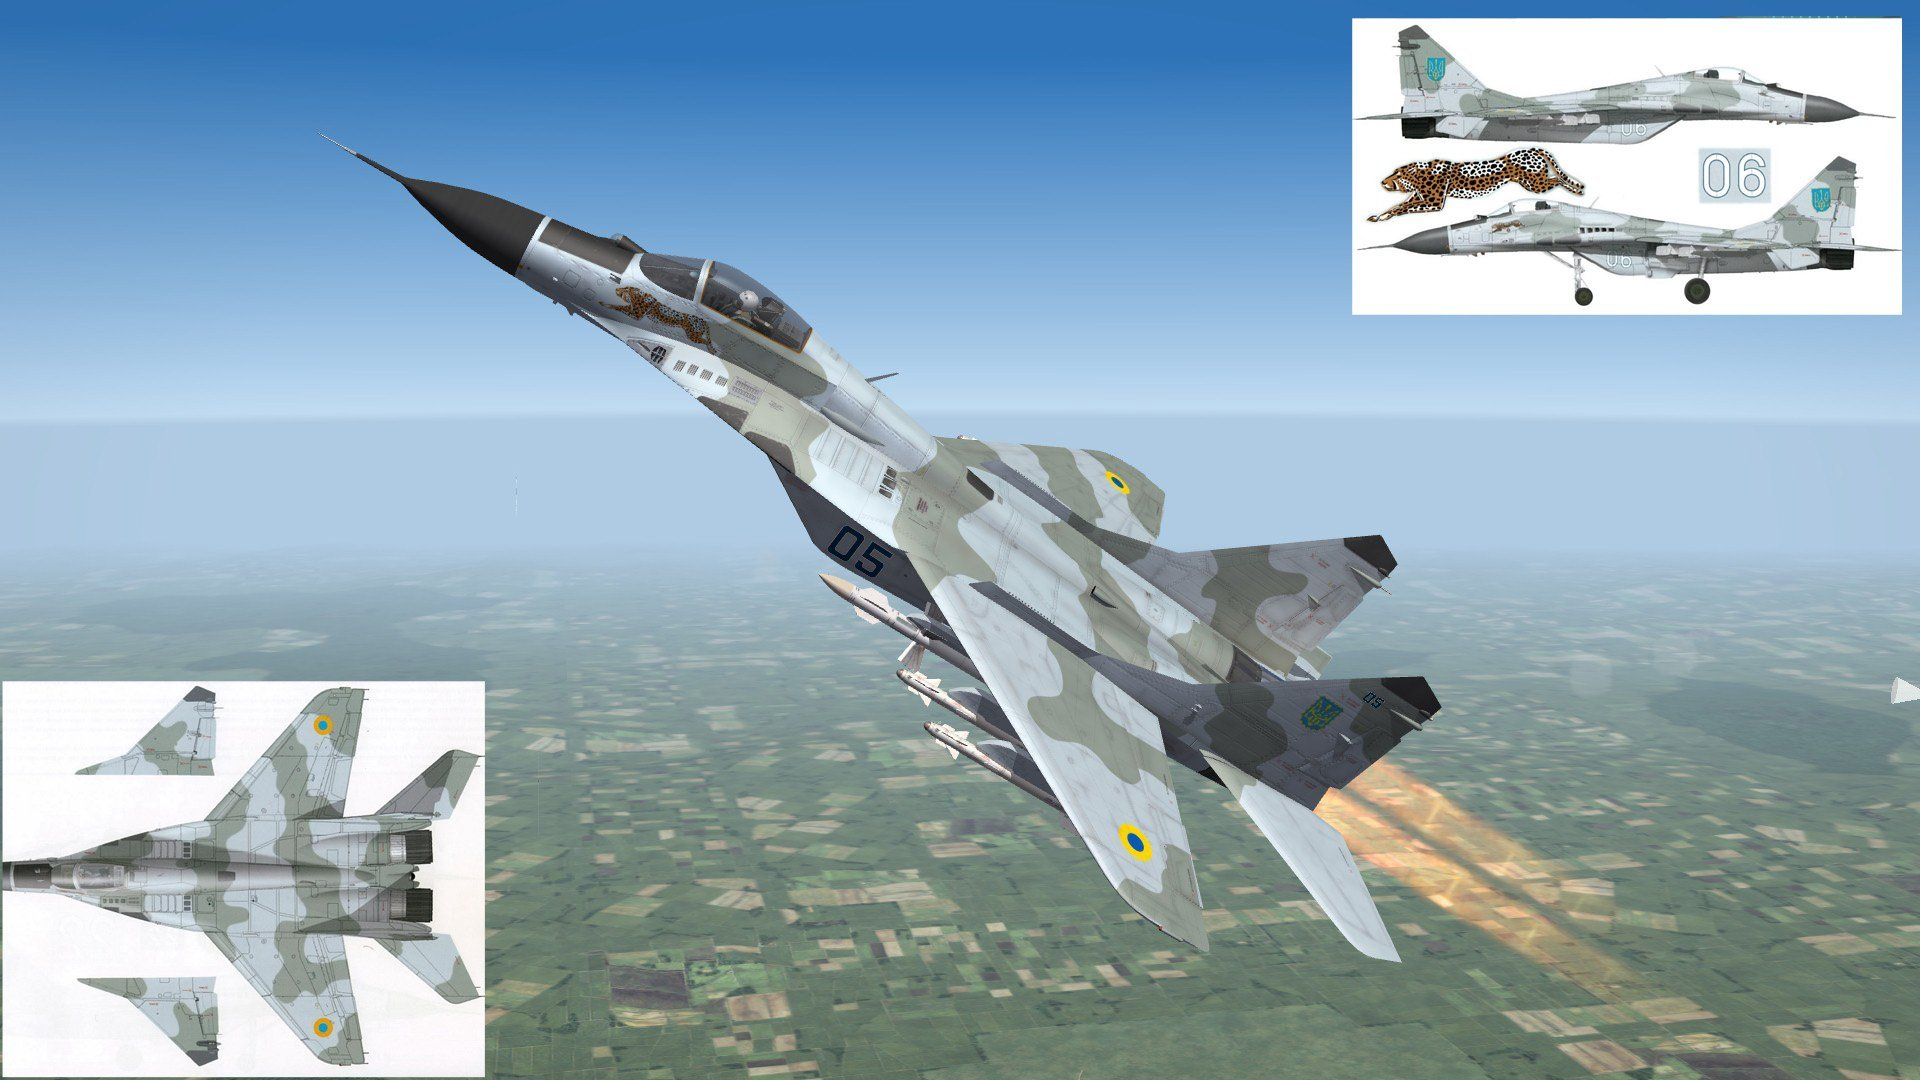 MiG-29A_Ukrainian_40th_Air_Wing_Vasilkov_1993.7z